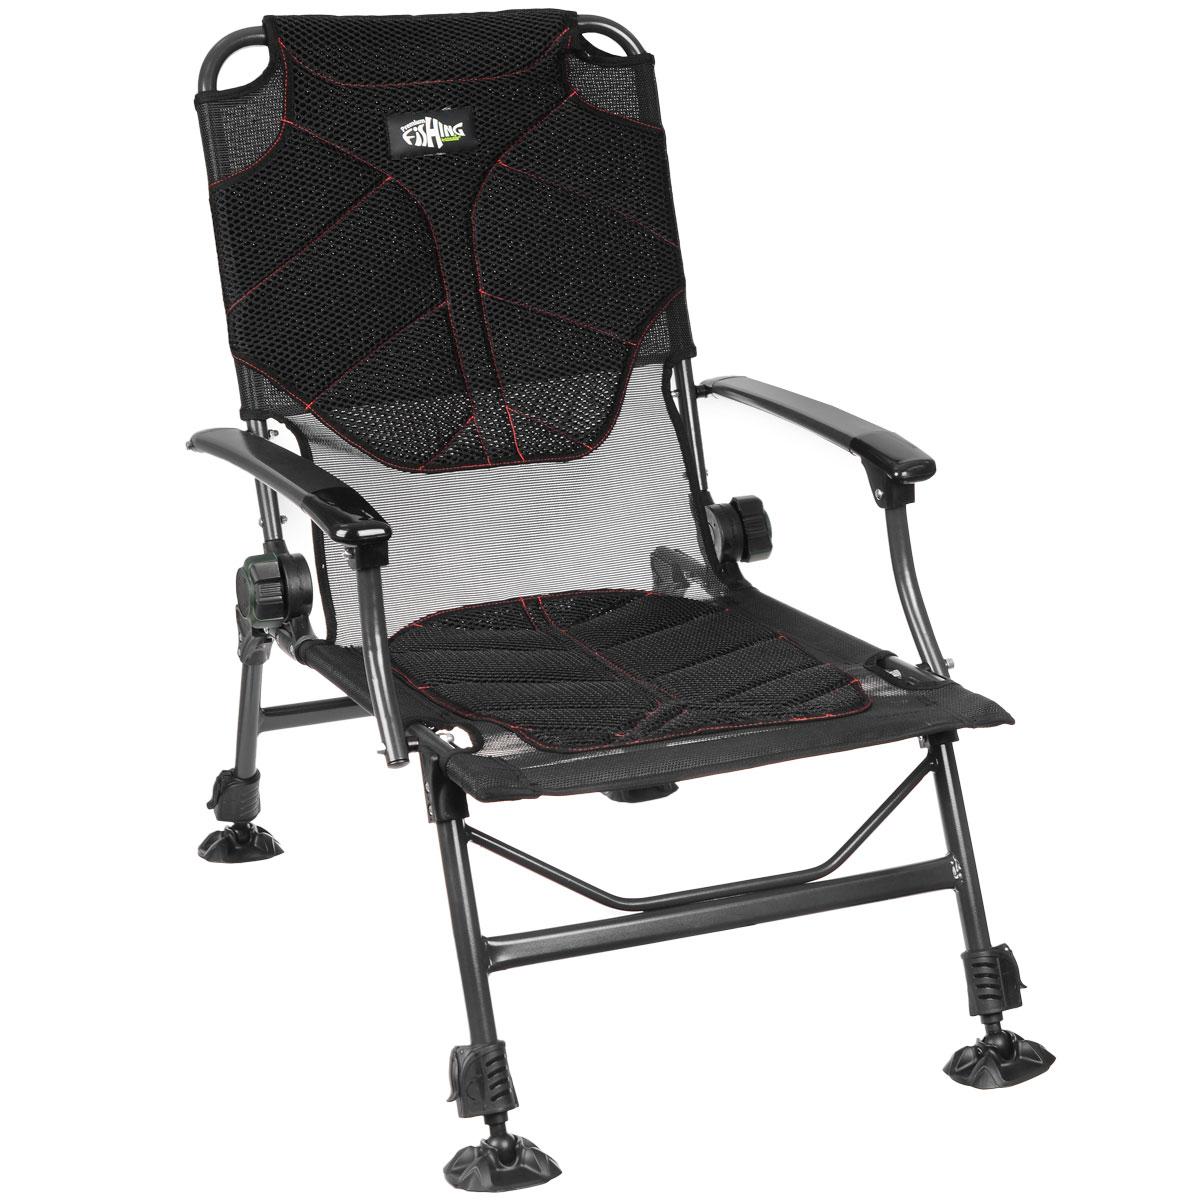 Кресло карповое Norfin Manchester NF, 55 см х 52 см х 97 см09840-20.000.00Кресло складное Norfin Manchester NF - это отличный выбор для рыболовов. Уникально разработанный влагостойкий, дышащий матрас создает максимальный комфорт при любой погоде. В жару кресло будет проветриваться сквозь отверстия сетки в сиденье и на спинке, в дождь оно будет пропускать влагу и быстро сохнуть. Наклон спинки регулируется. Кресло имеет ножки с возможностью независимой регулировки высоты и широкими опорами.